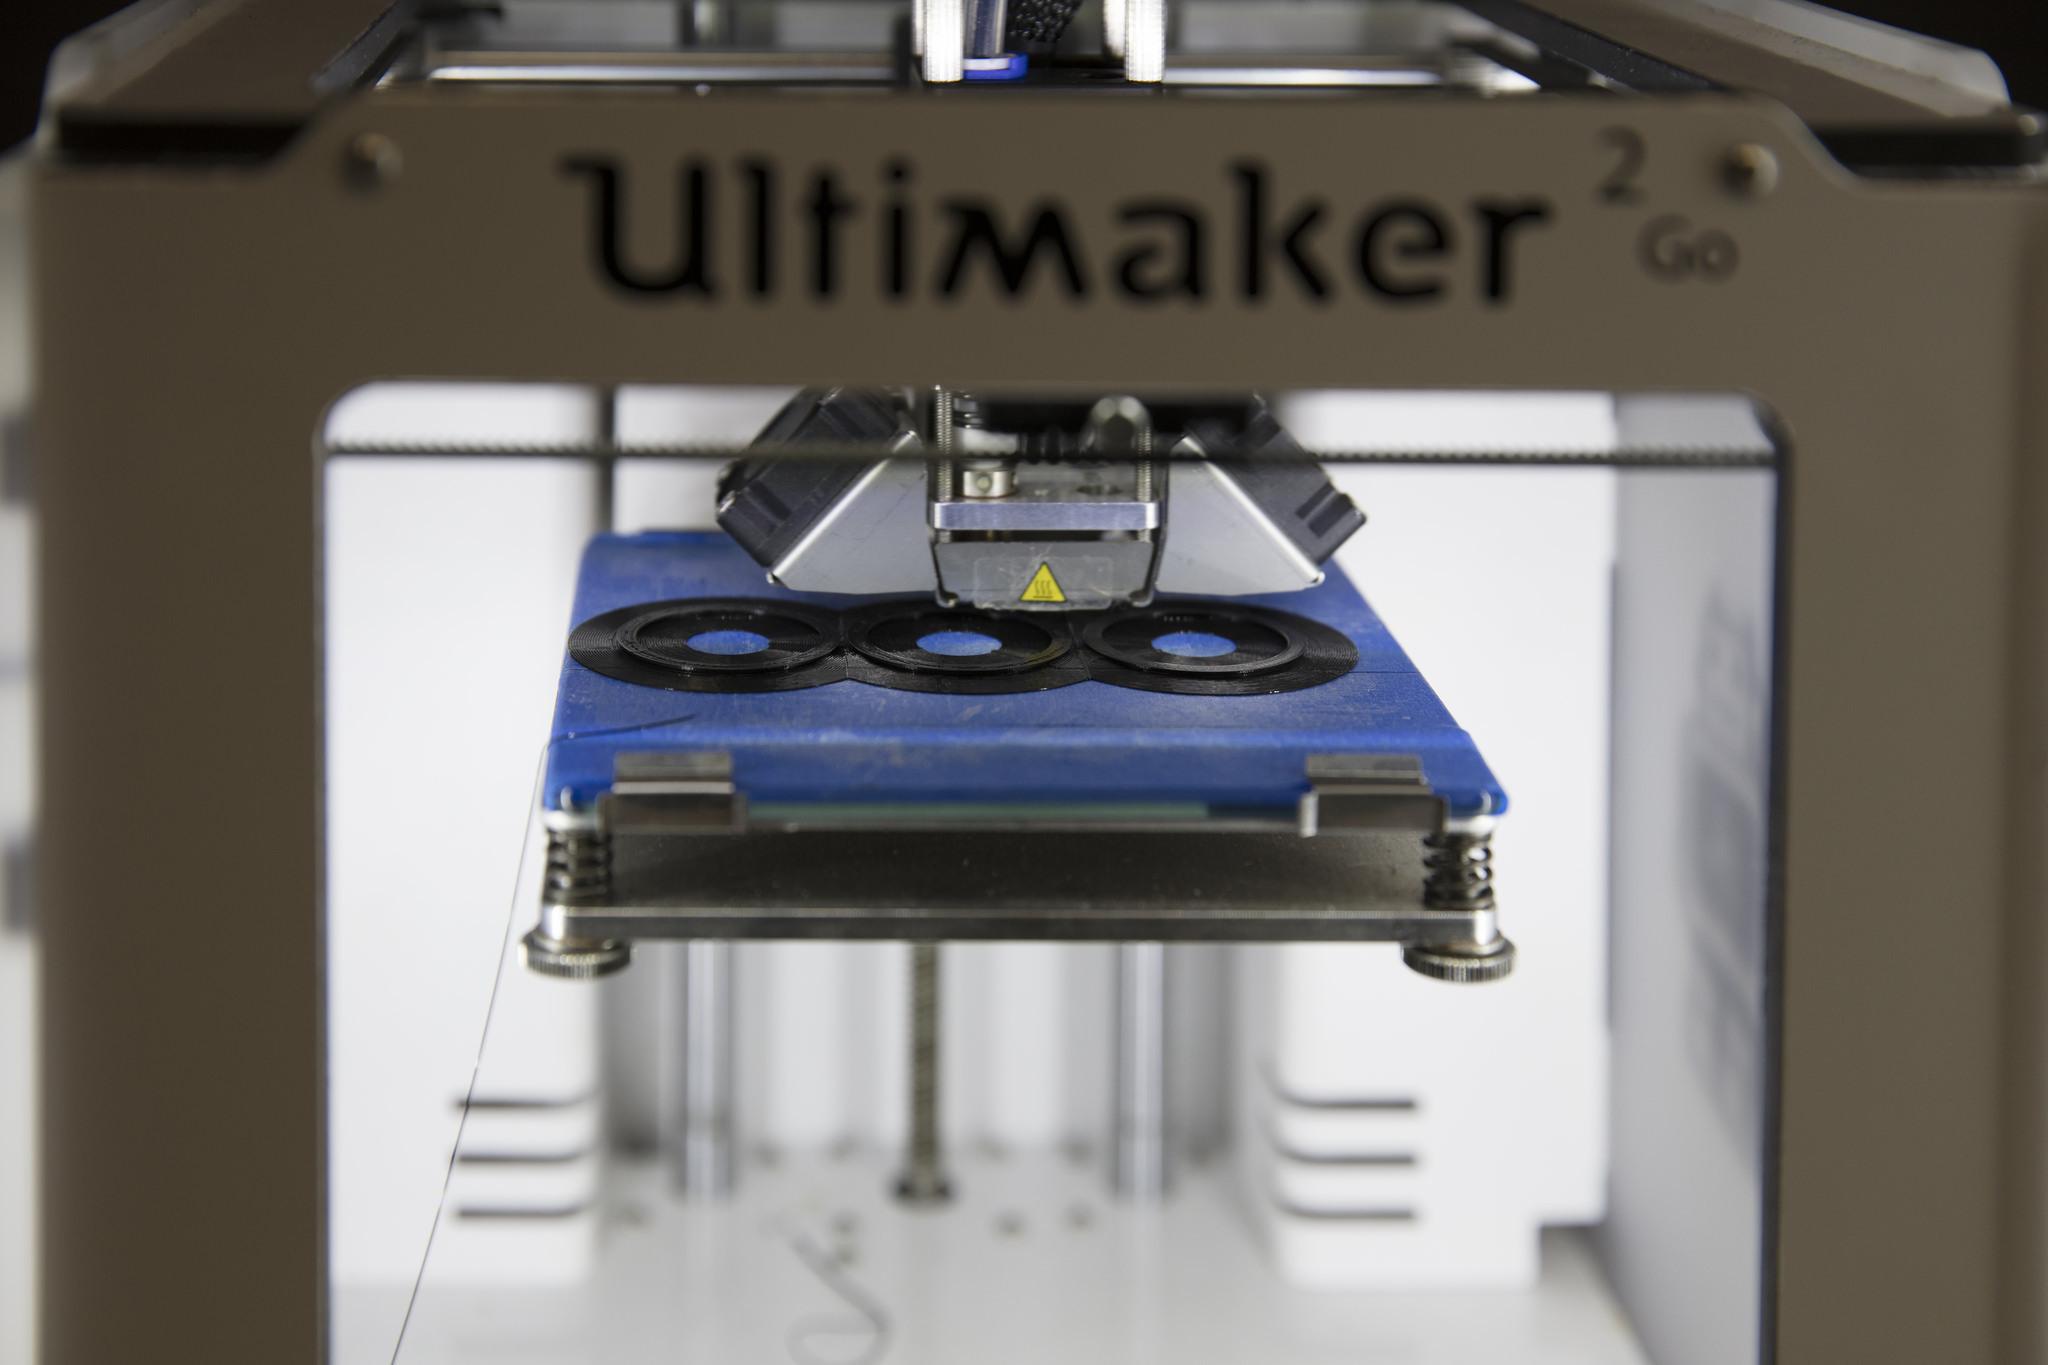 3D Printer Ultimaker Image 1